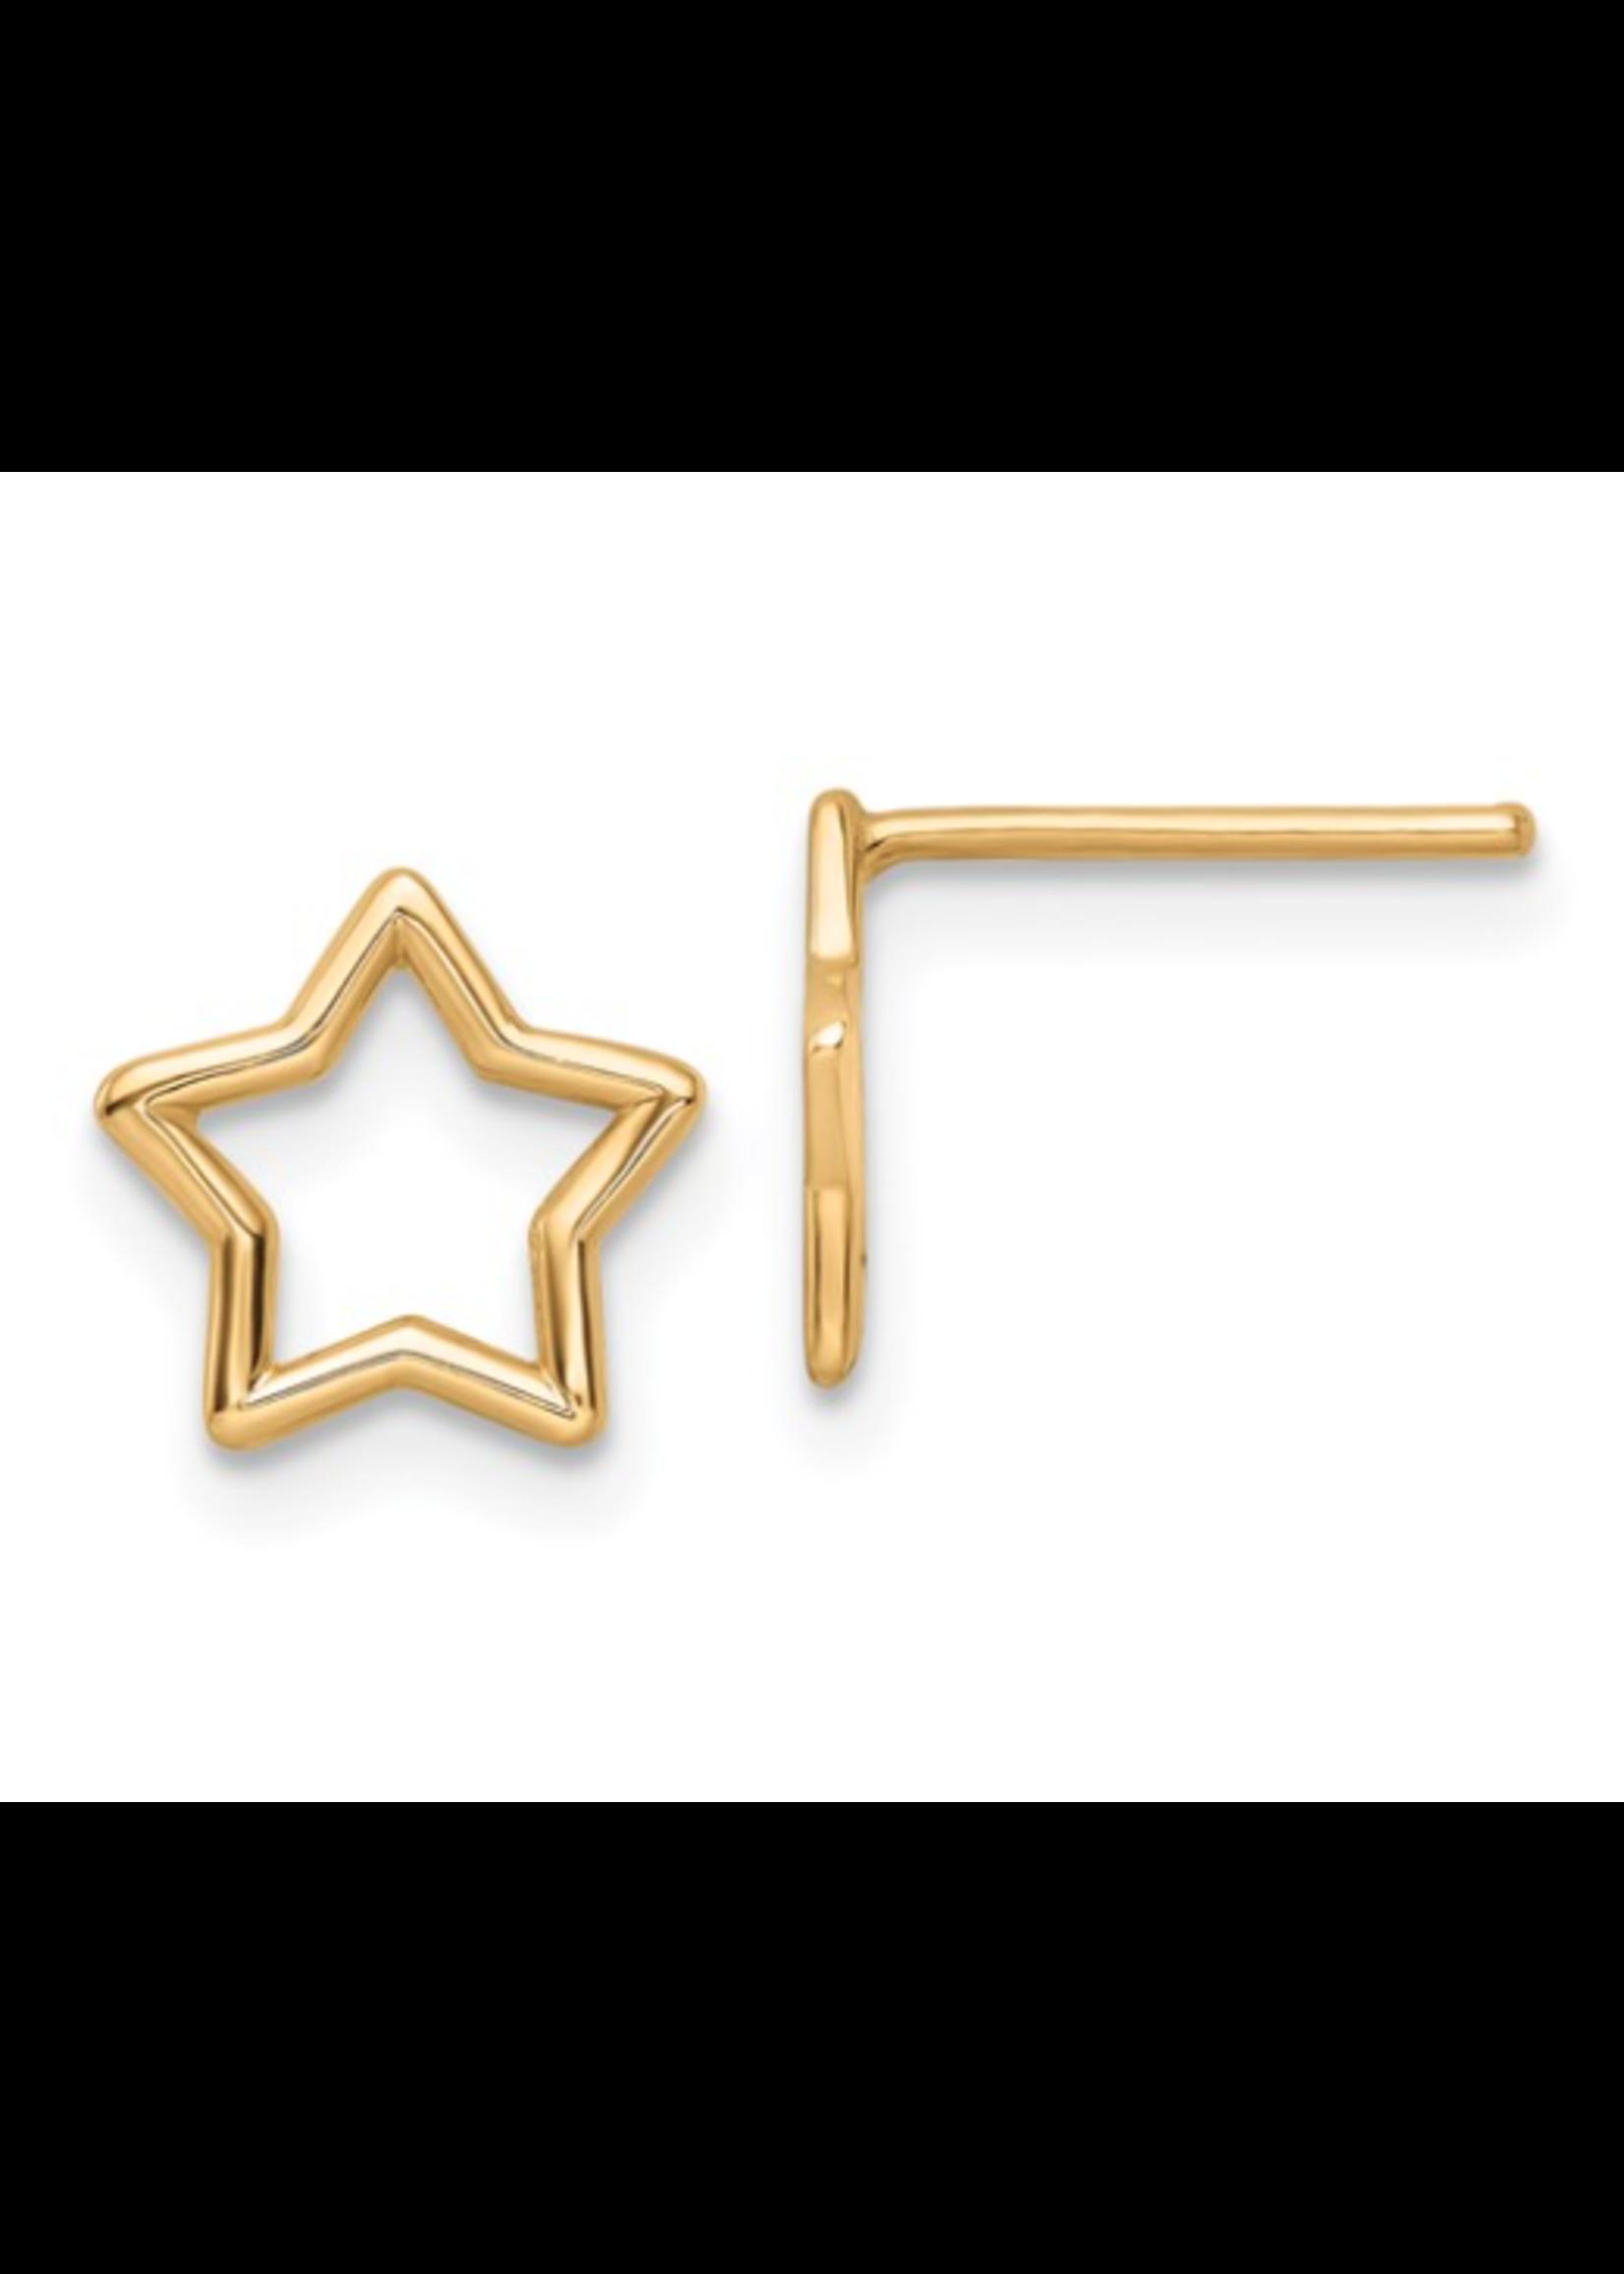 Jill Alberts Star Stud Earrings